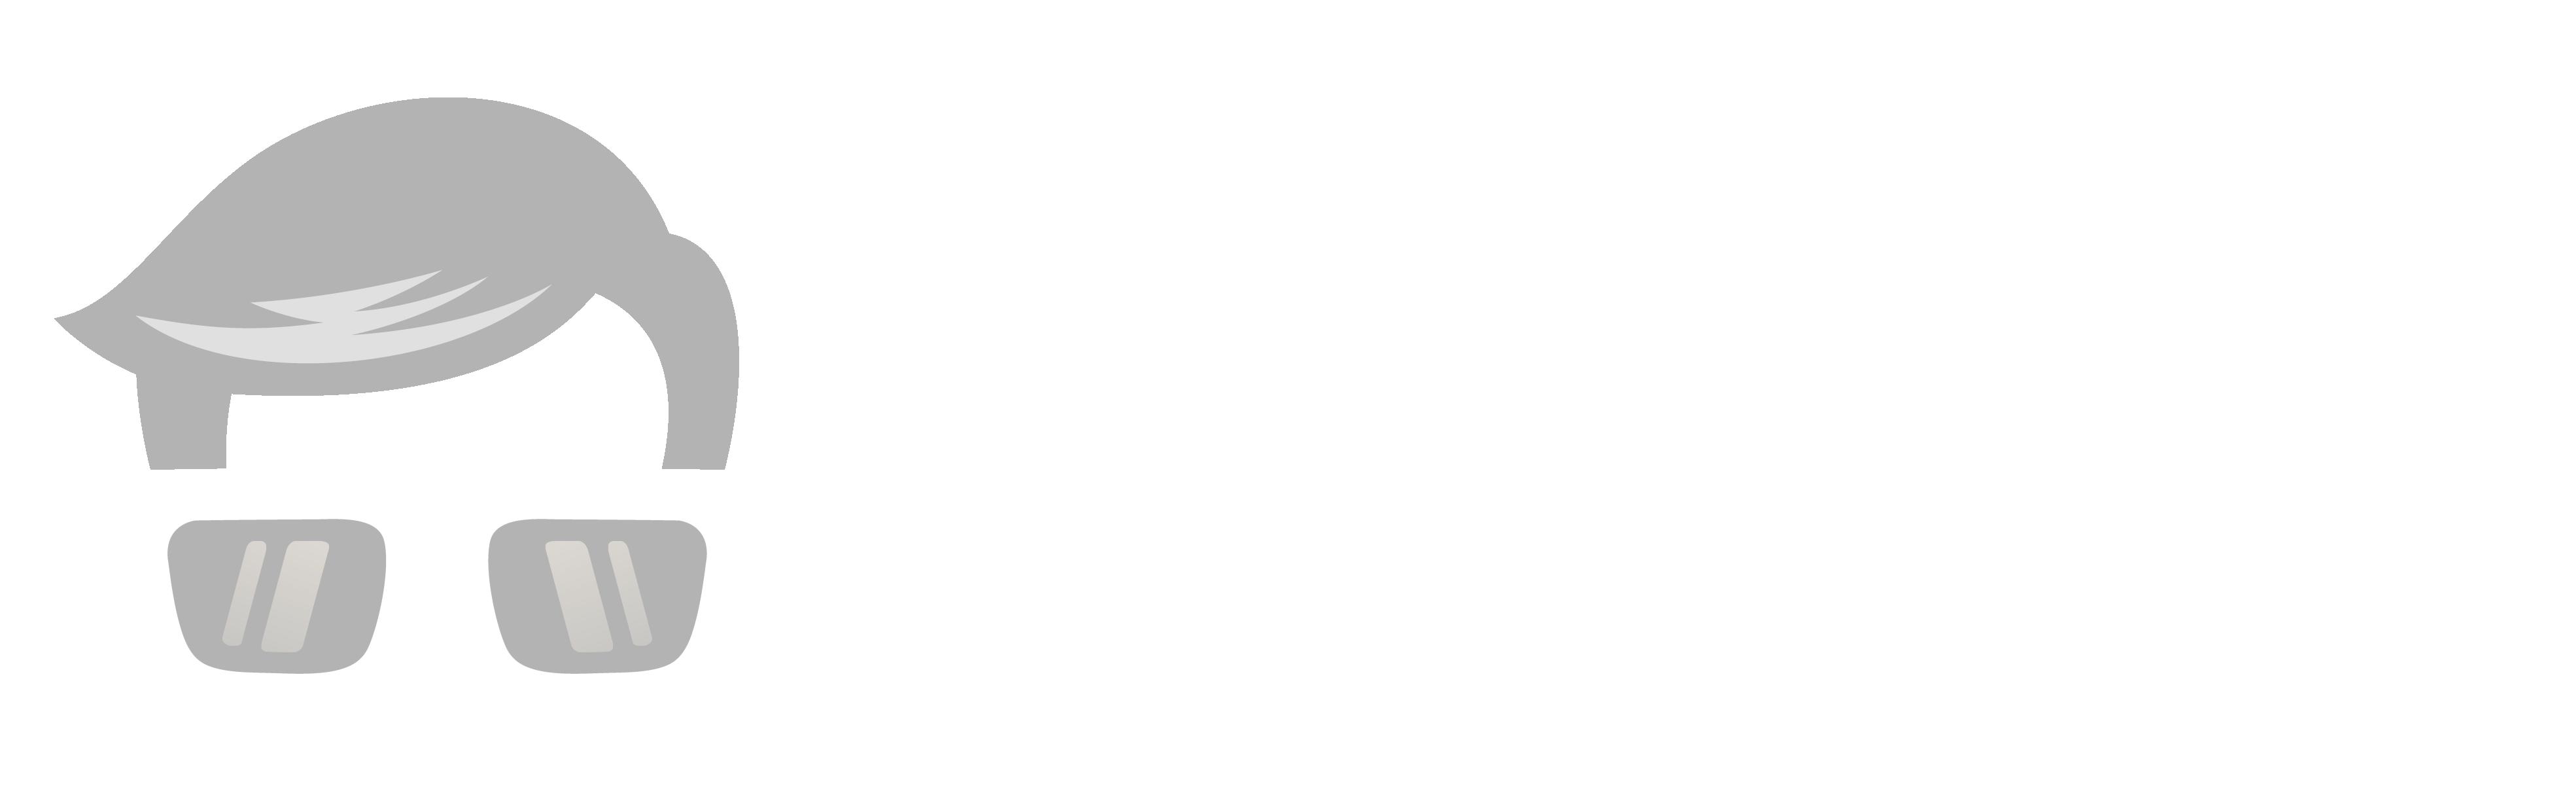 Tech Nerds